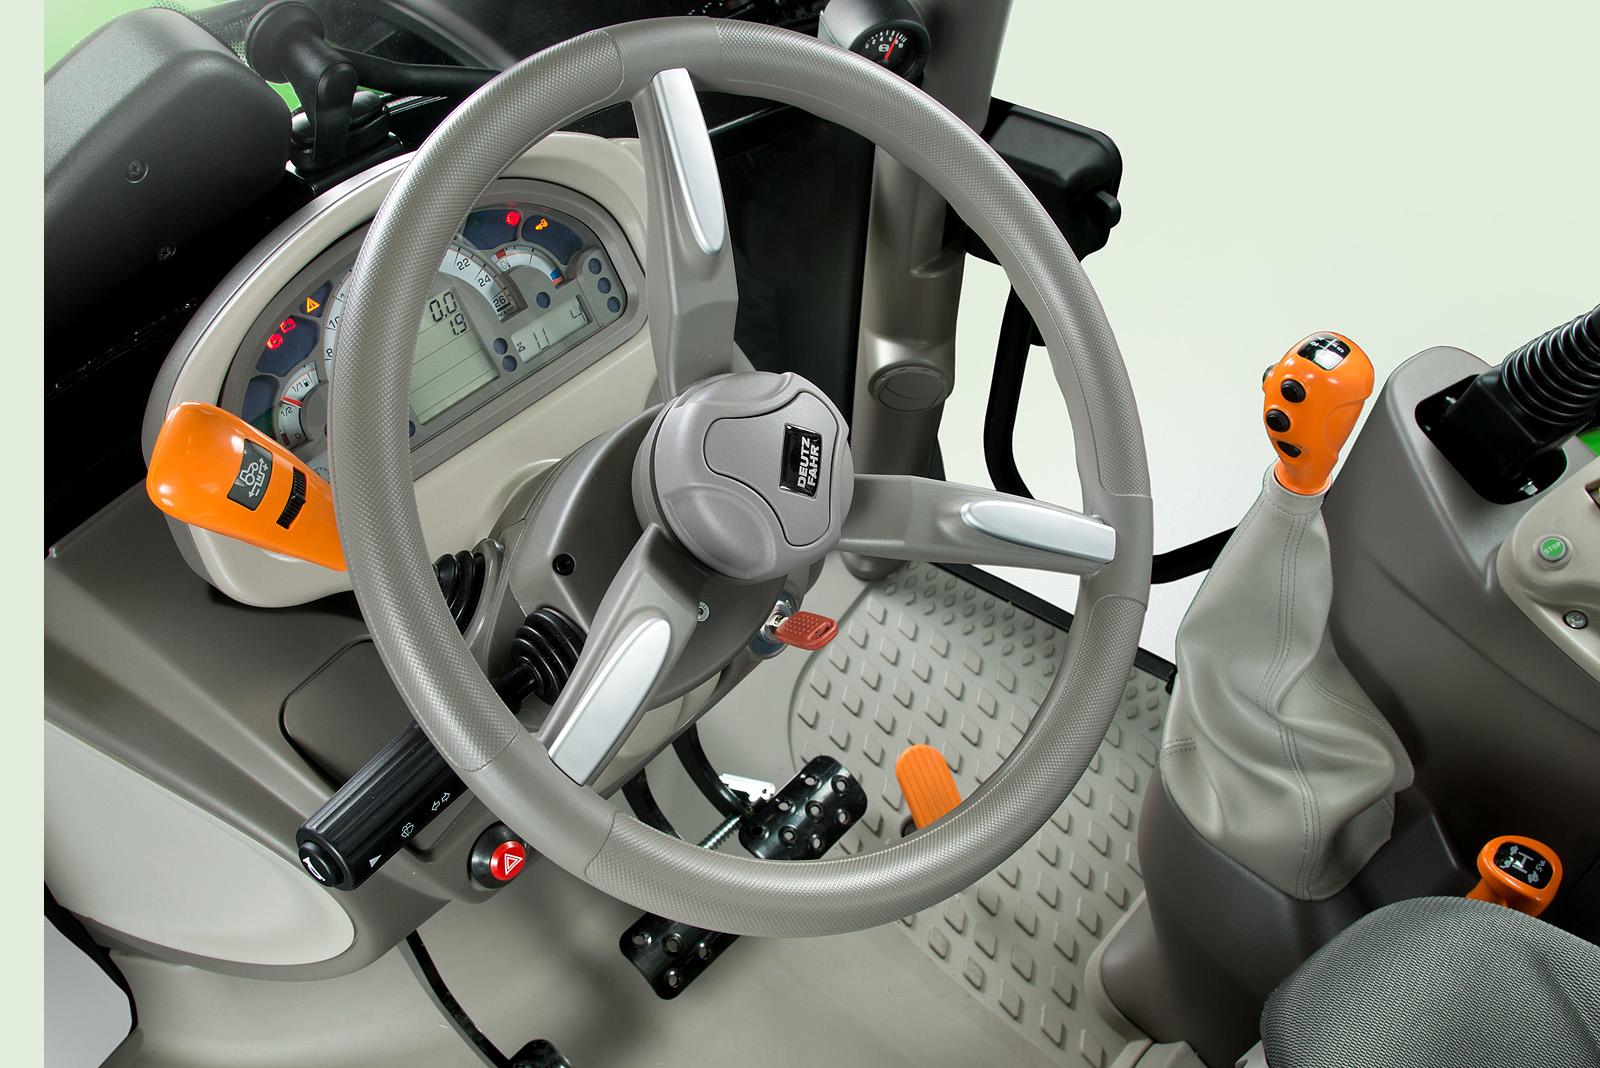 5G gears